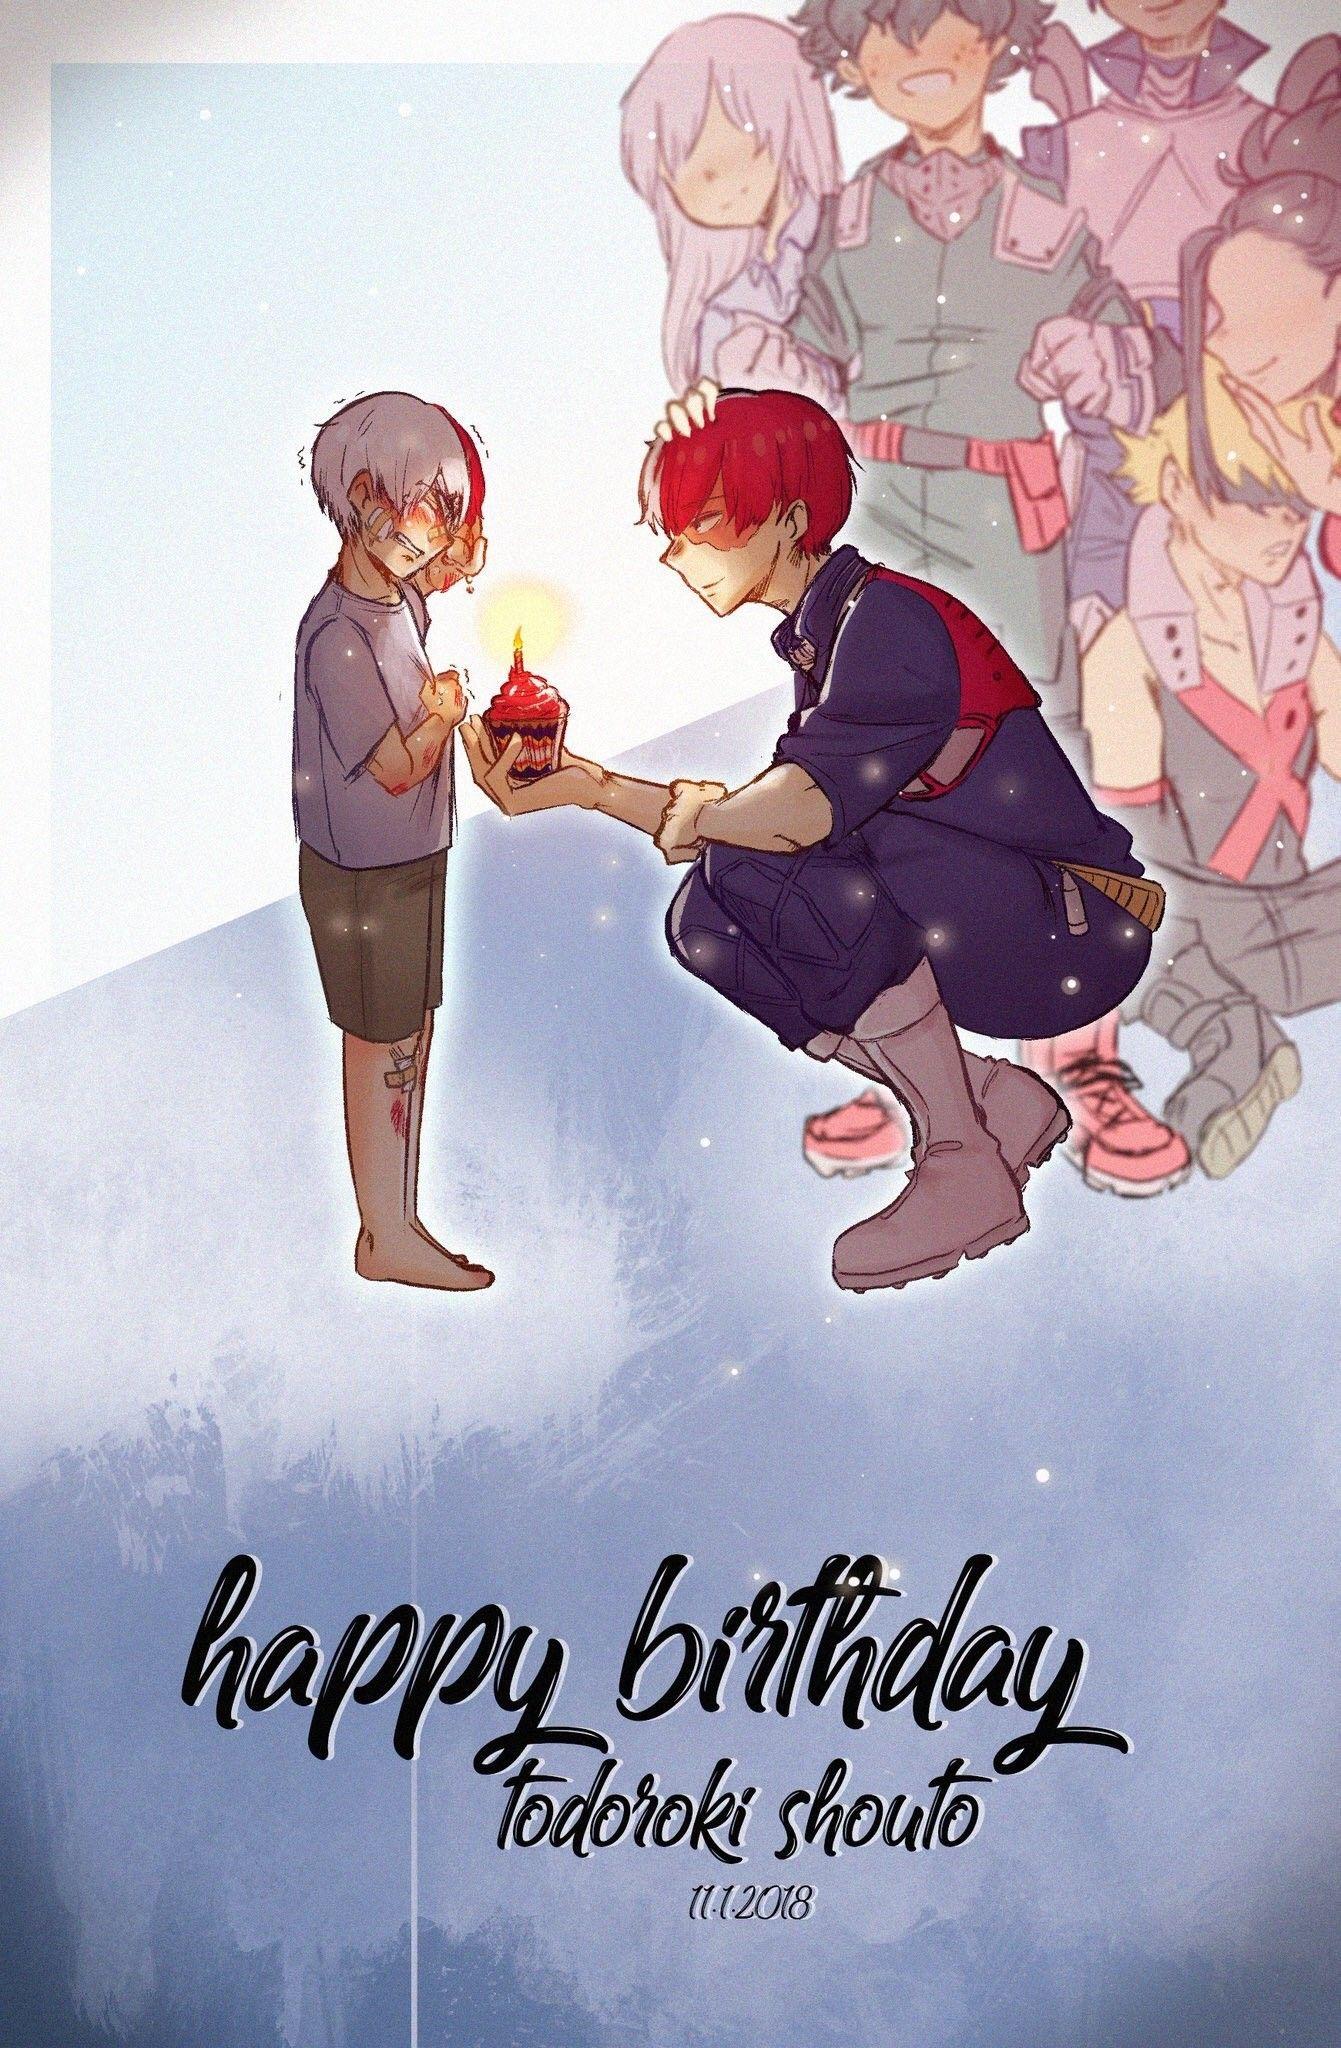 Todoroki Shouto's Birthday [1 11]♡ | HeroAca | My hero academia